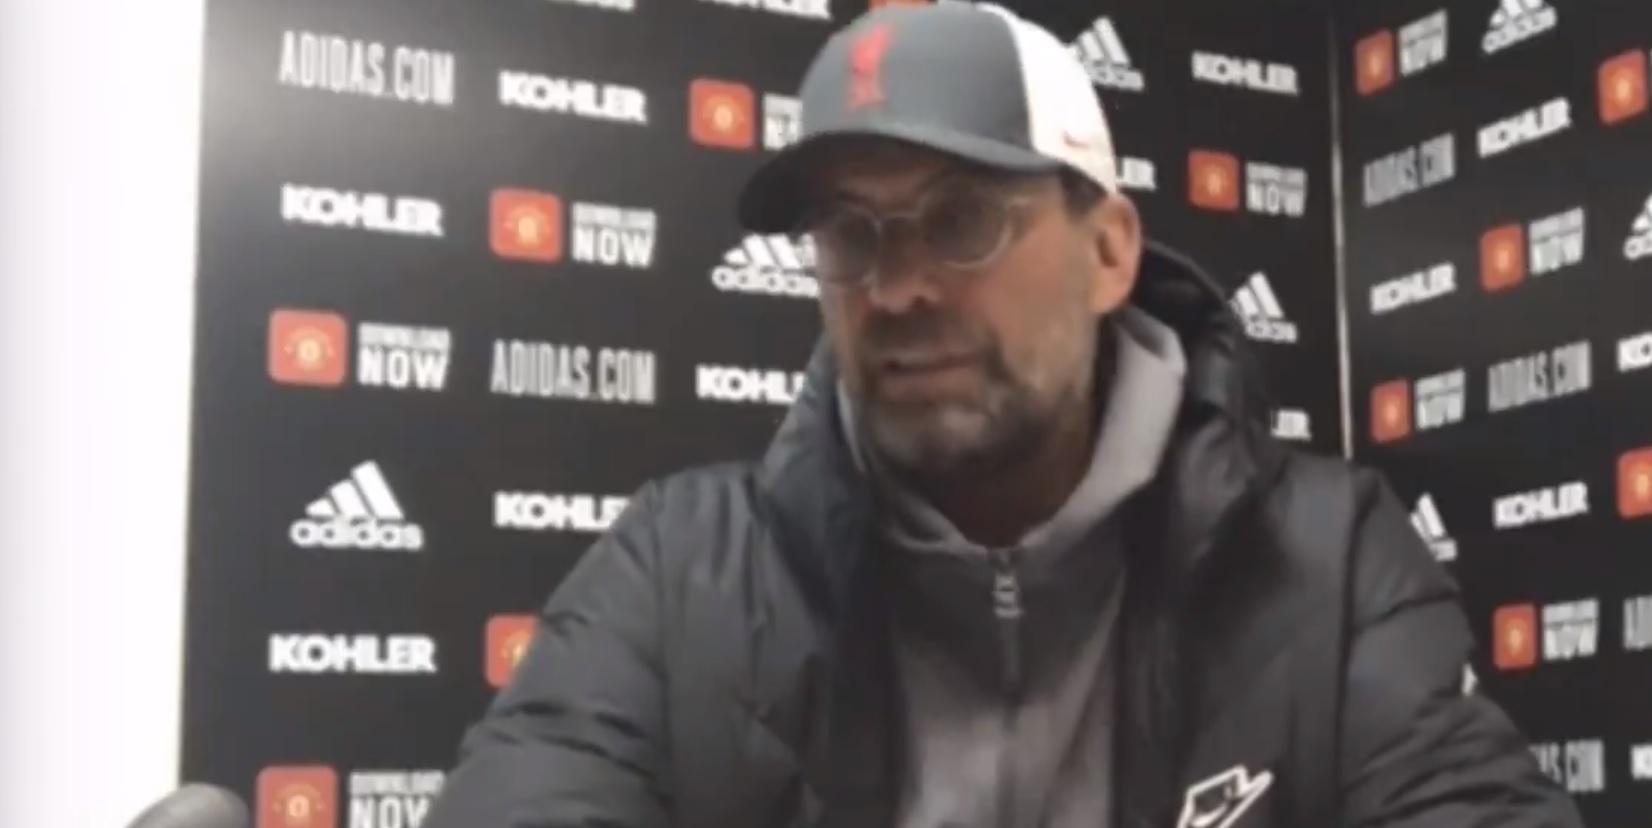 (Video) Jurgen Klopp explains Diogo Jota selection after Sadio Mane frustration post-United